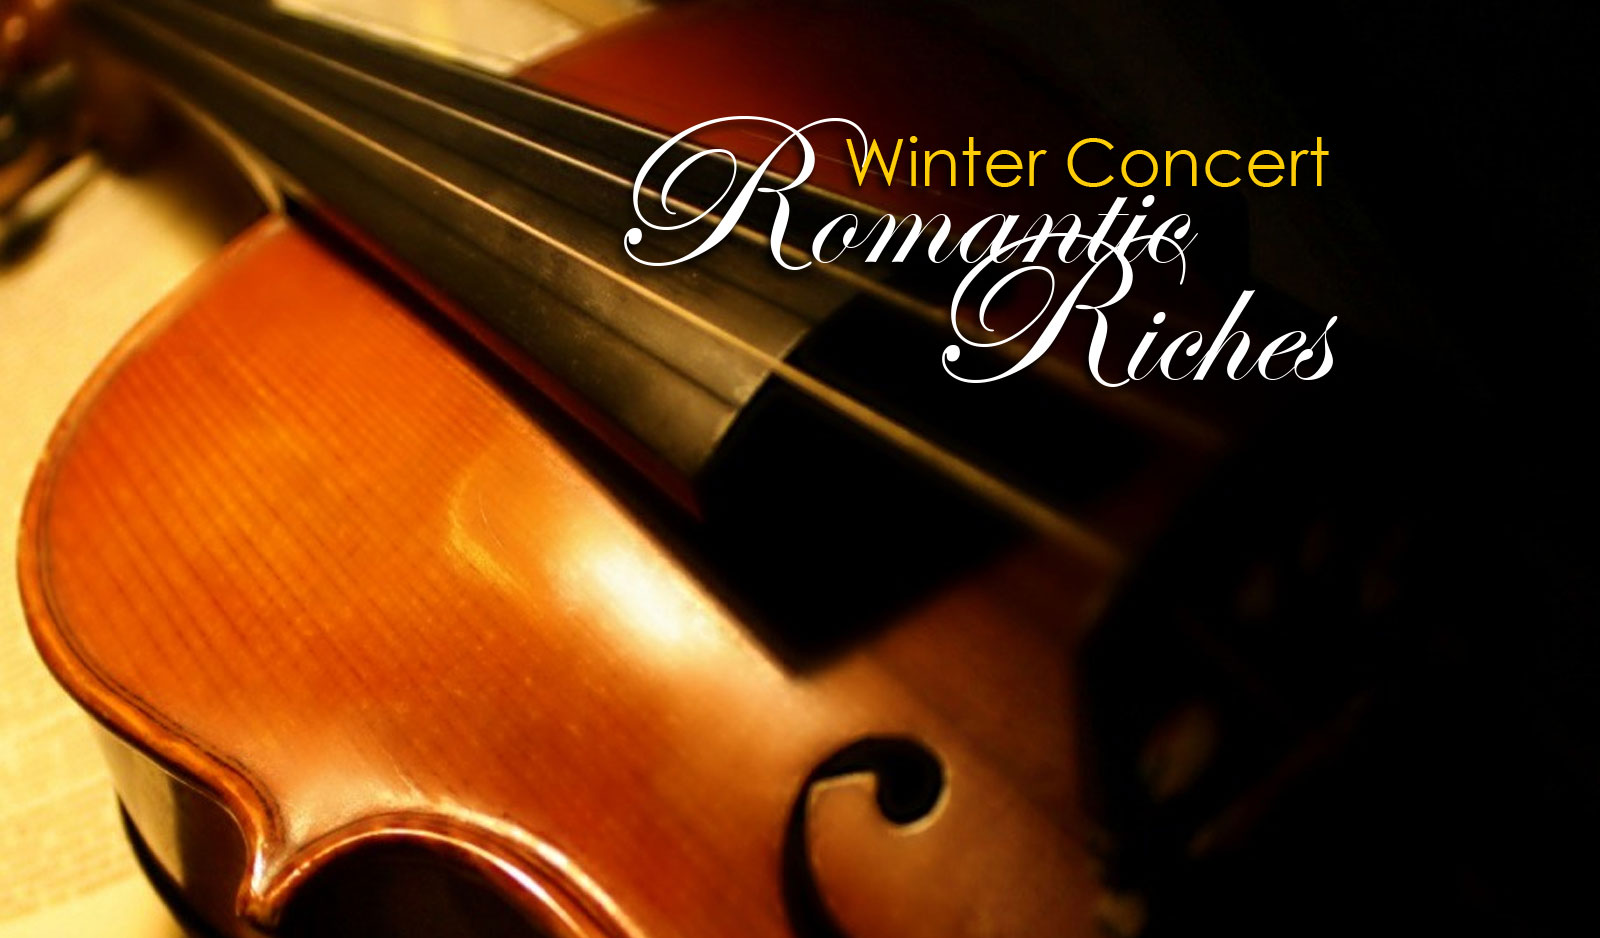 Romantic-Riches-program-notes-la-mirada